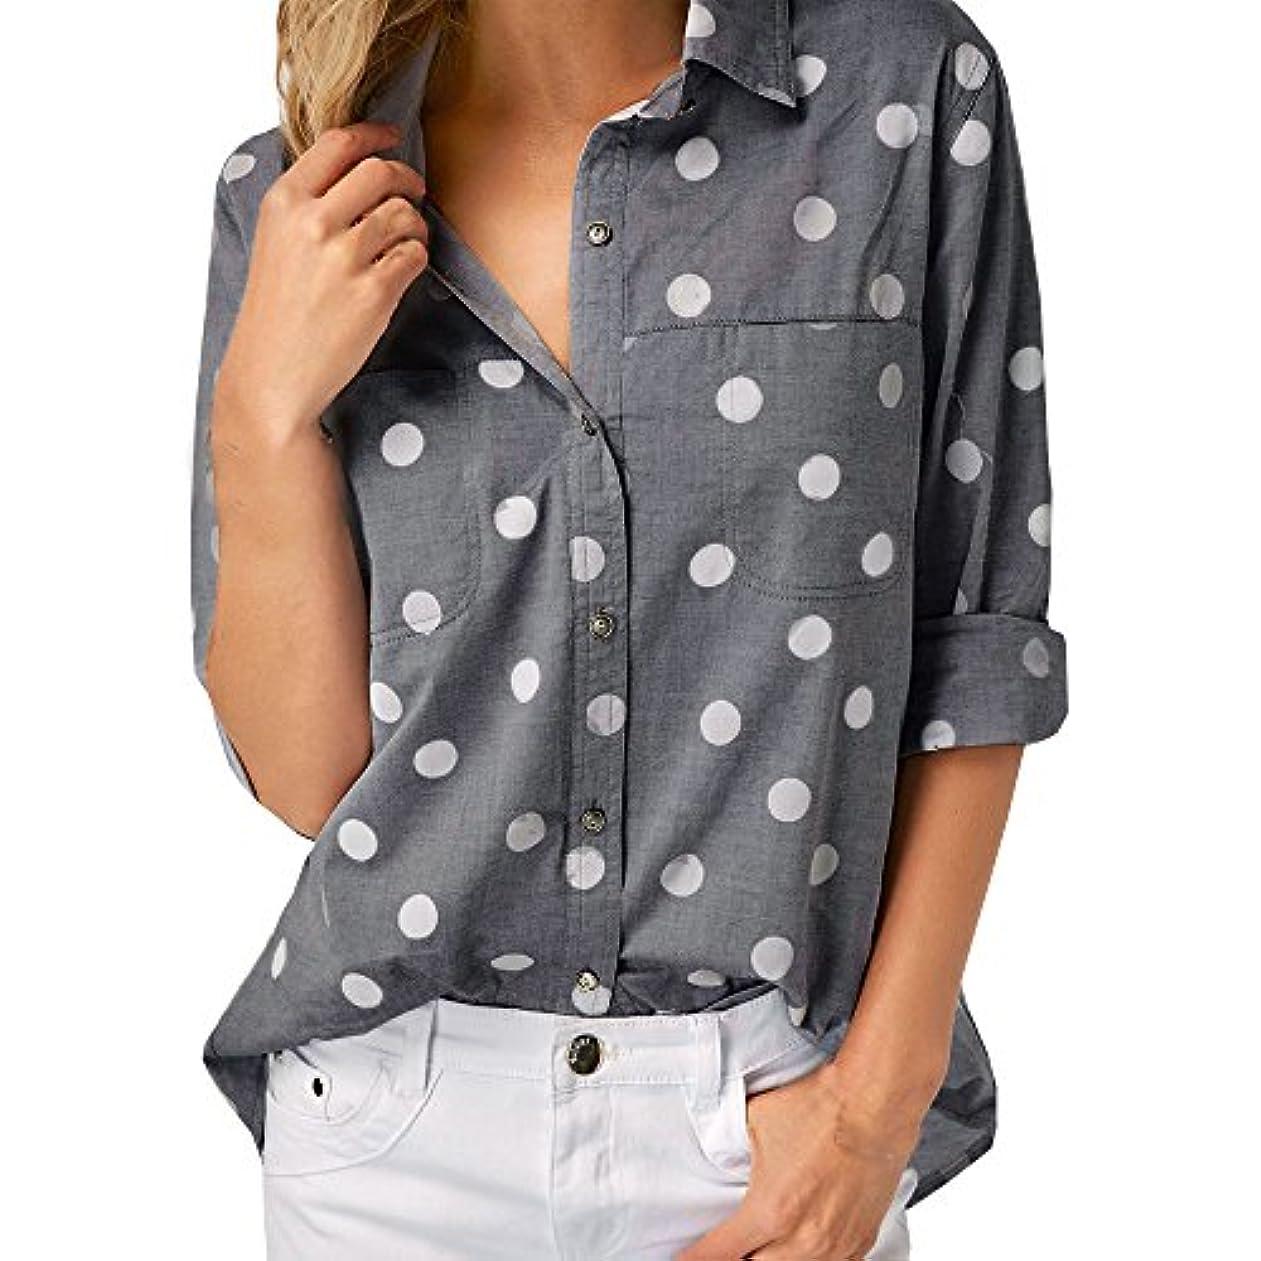 可動小競り合いフェミニンSakuraBest Women Work Office Dot Print Spring Autumn Long Sleeve Button Down Shirt Blouse Top